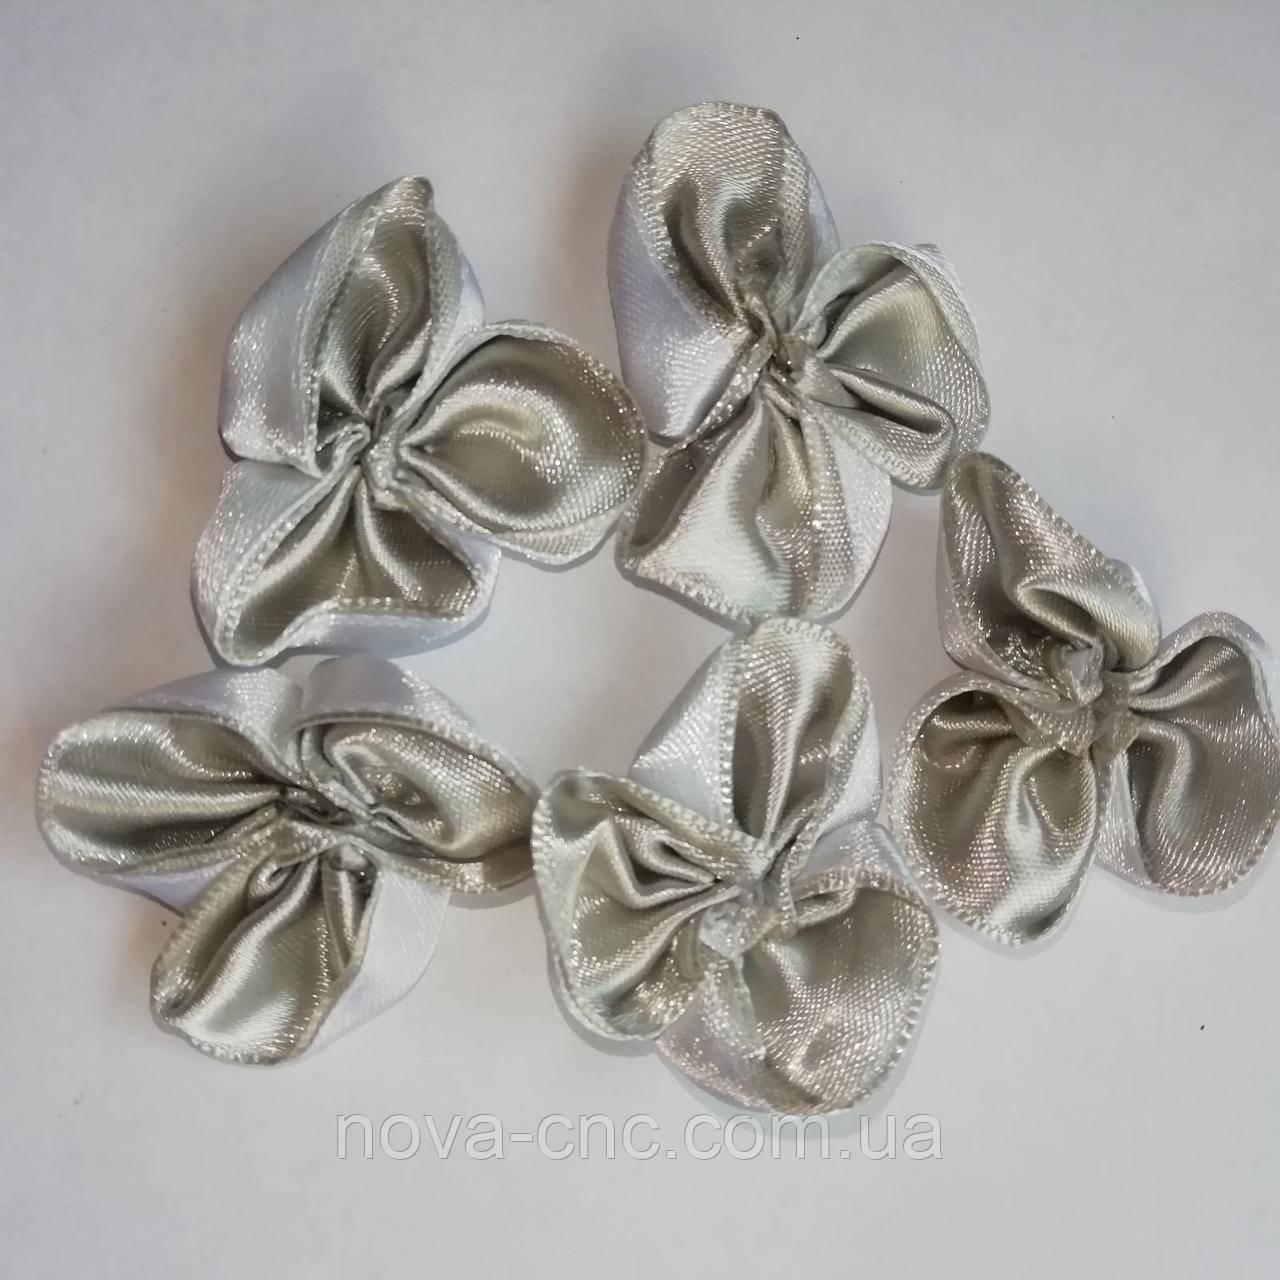 Цветы атласные для декора Цвет белый с серым 40 мм 25 шт